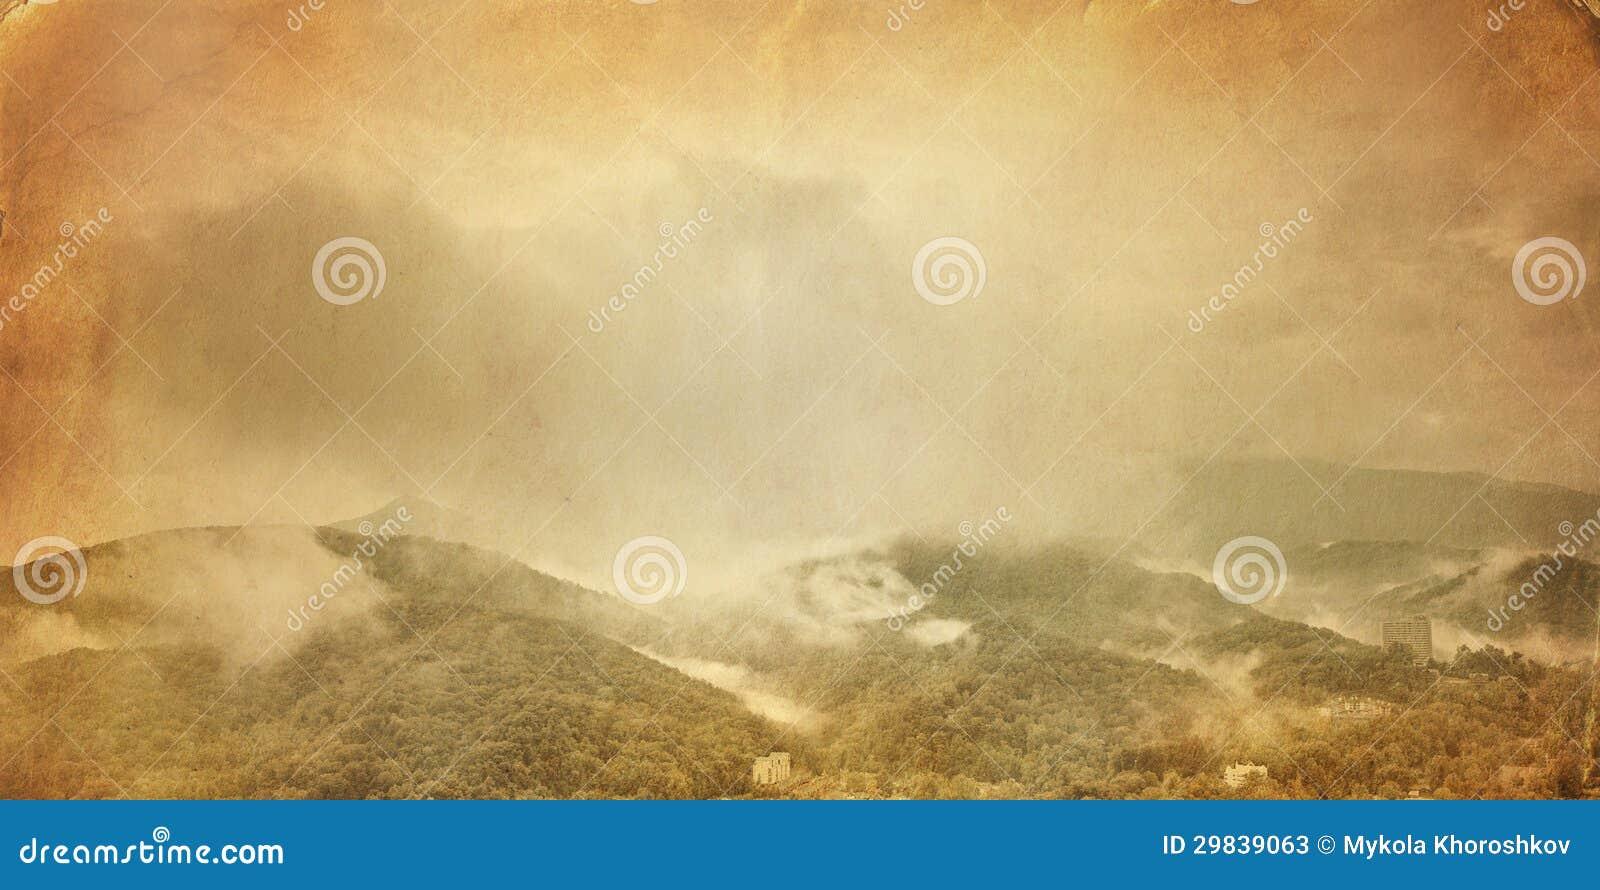 Foto do vintage da paisagem nevoenta do vale da montanha